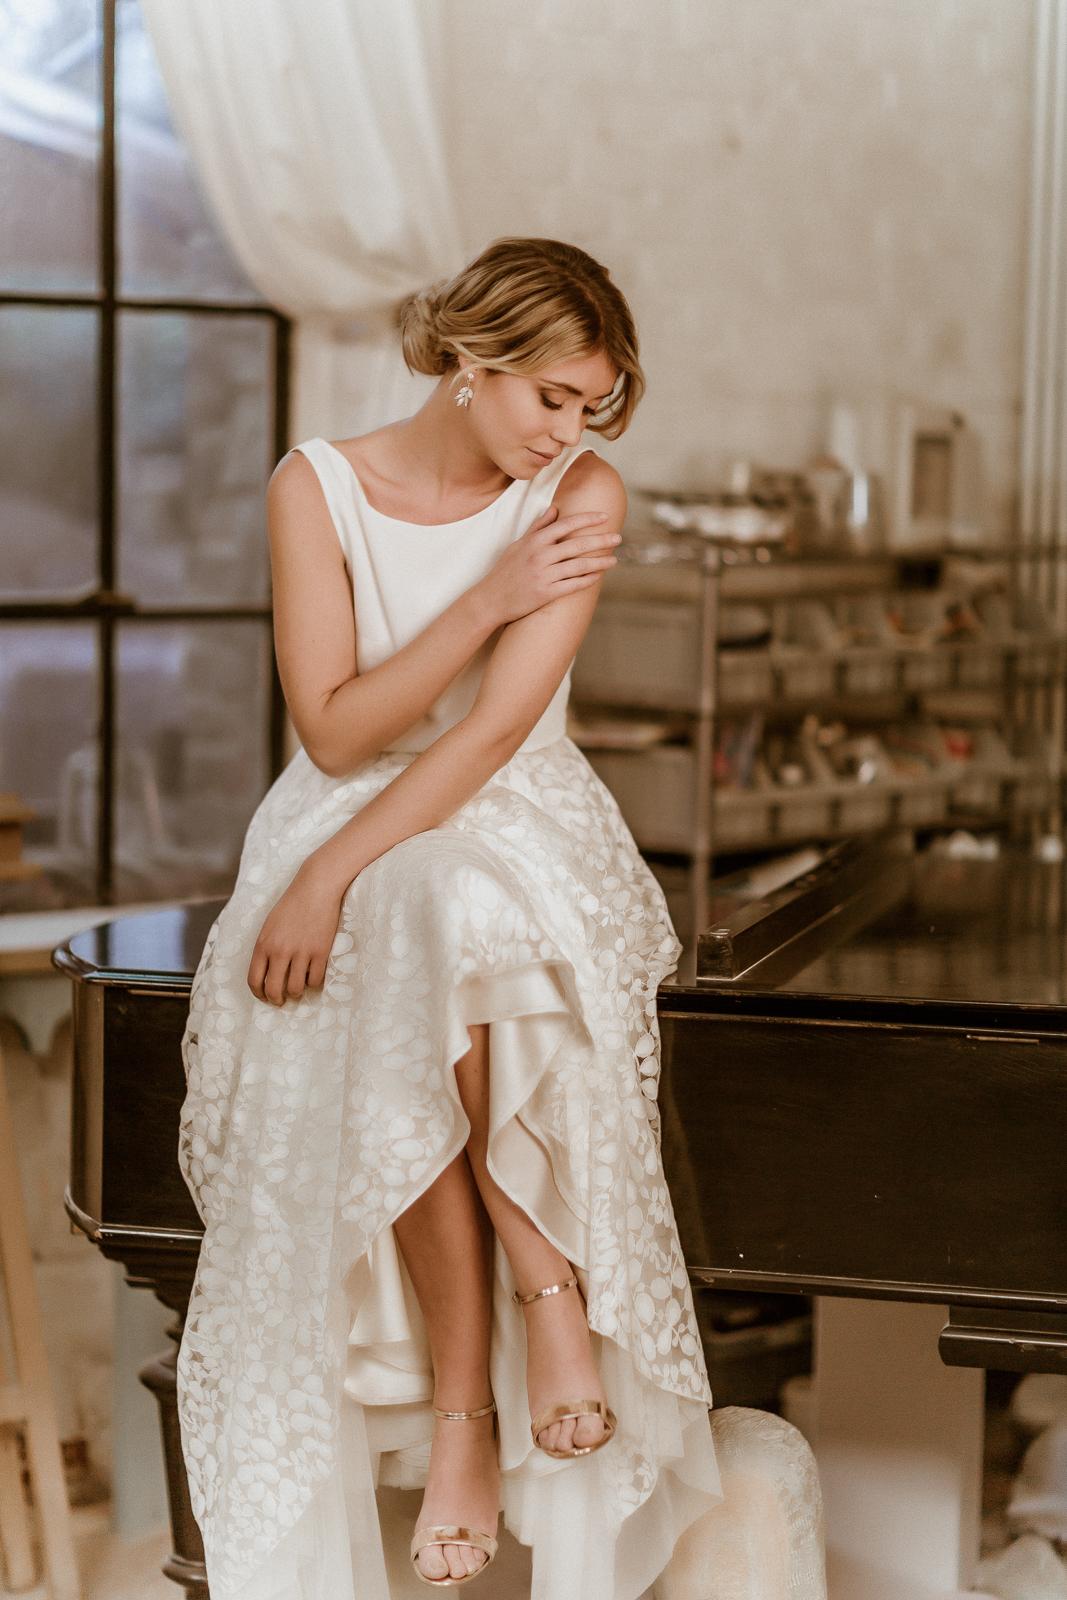 noni Jubiläumskollektion   Ärmelloses Brauttop in Ivory mit Rückenausschnitt und Rückenkette, dazu Tüllrock aus Blätterspitze, Frontalansicht, Modell sitzend (Foto: Le Hai Linh)